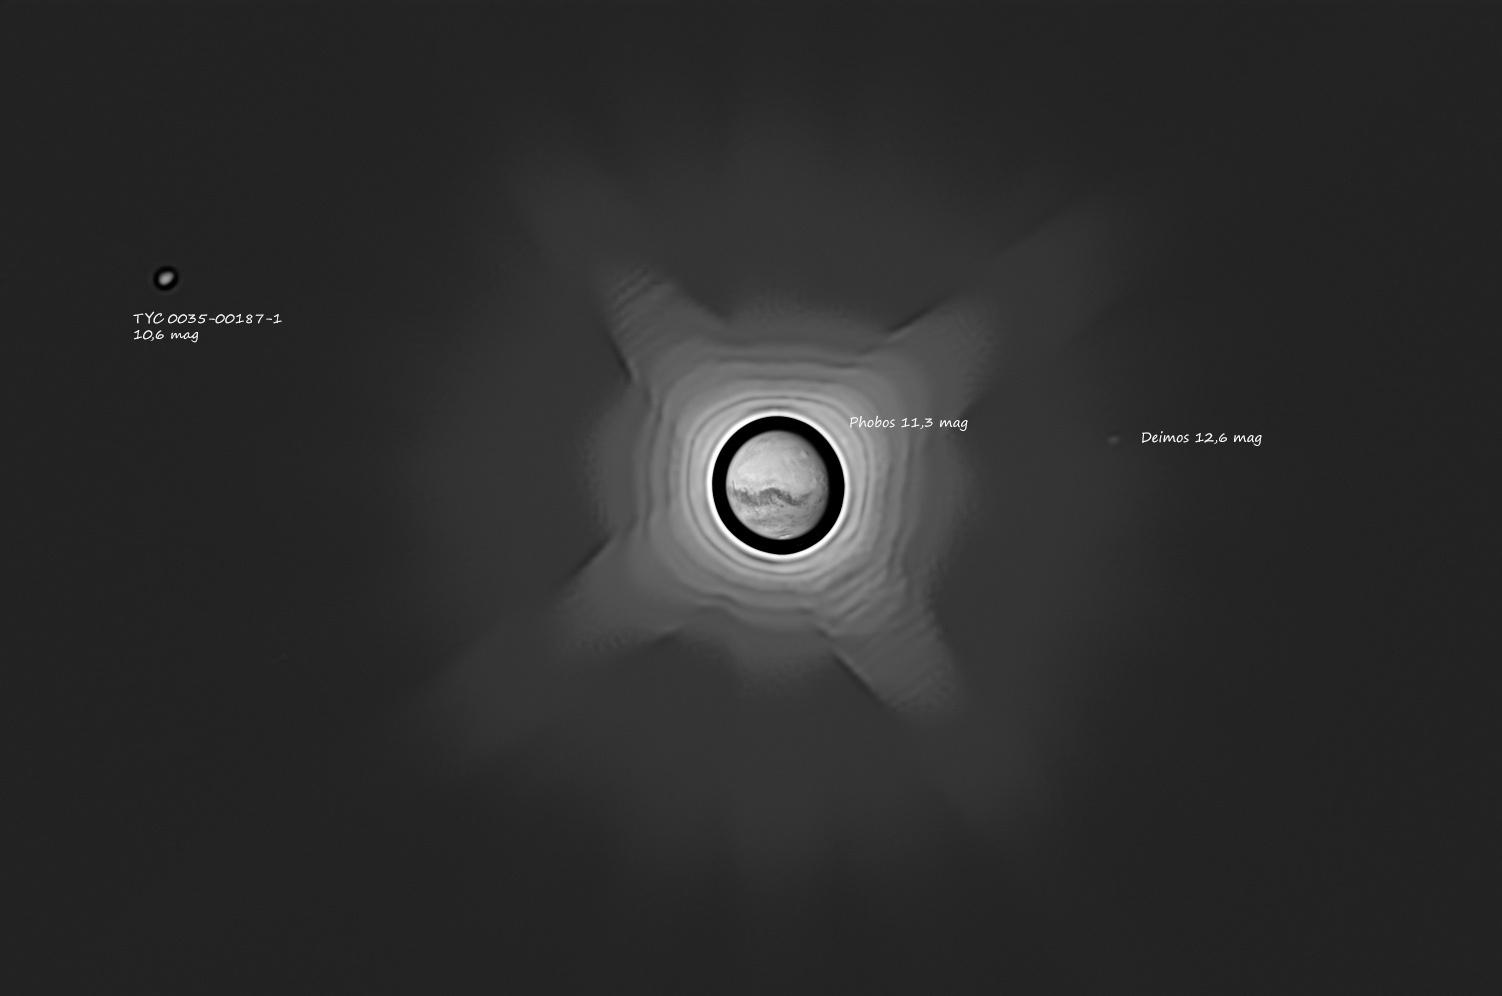 moons_3.jpg.cbe76218f5c7eaeef2f6d6865d7e7170.jpg